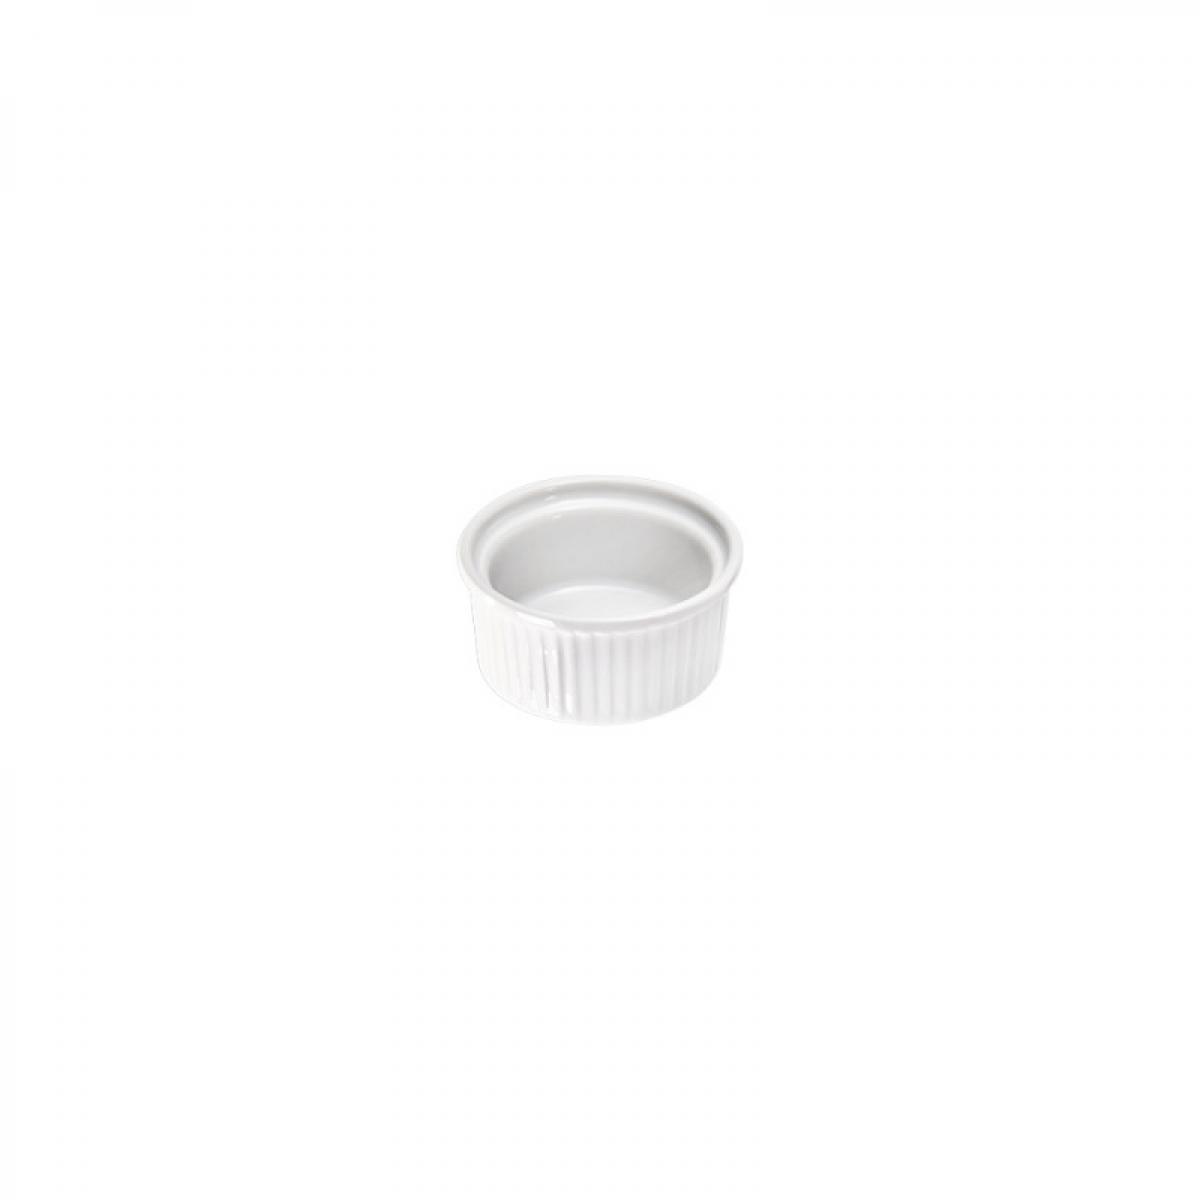 Materiel Chr Pro Ramequin Crème Brûlée par 24 Isabell Ø 70 à 80 mm - Stalgast - 32 mm Porcelaine 60 m